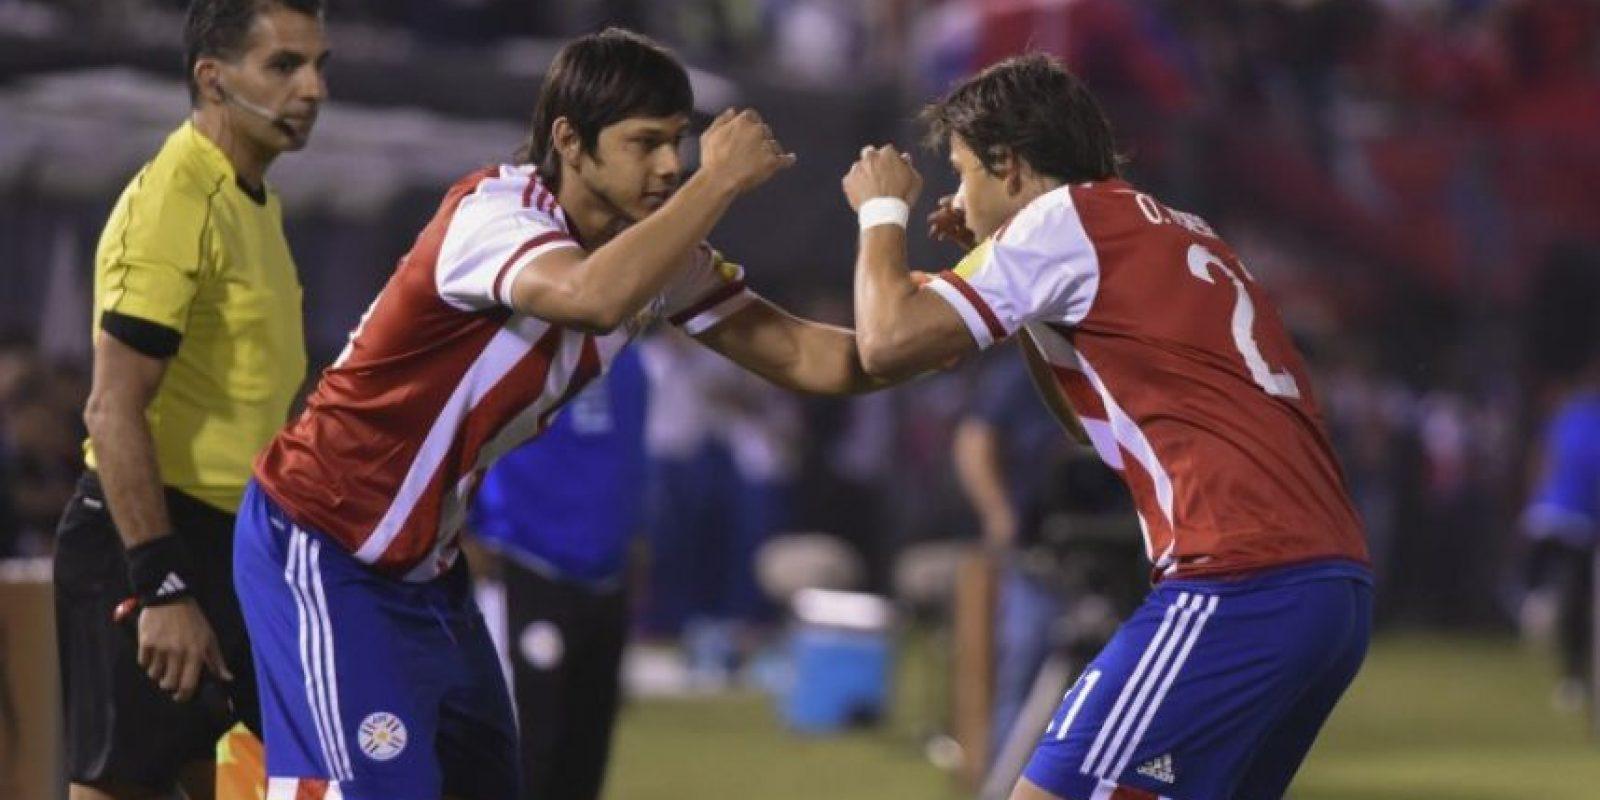 """El festejo de """"Los hermanos Korioto guaraníes"""" se hizo viral Foto:AFP"""